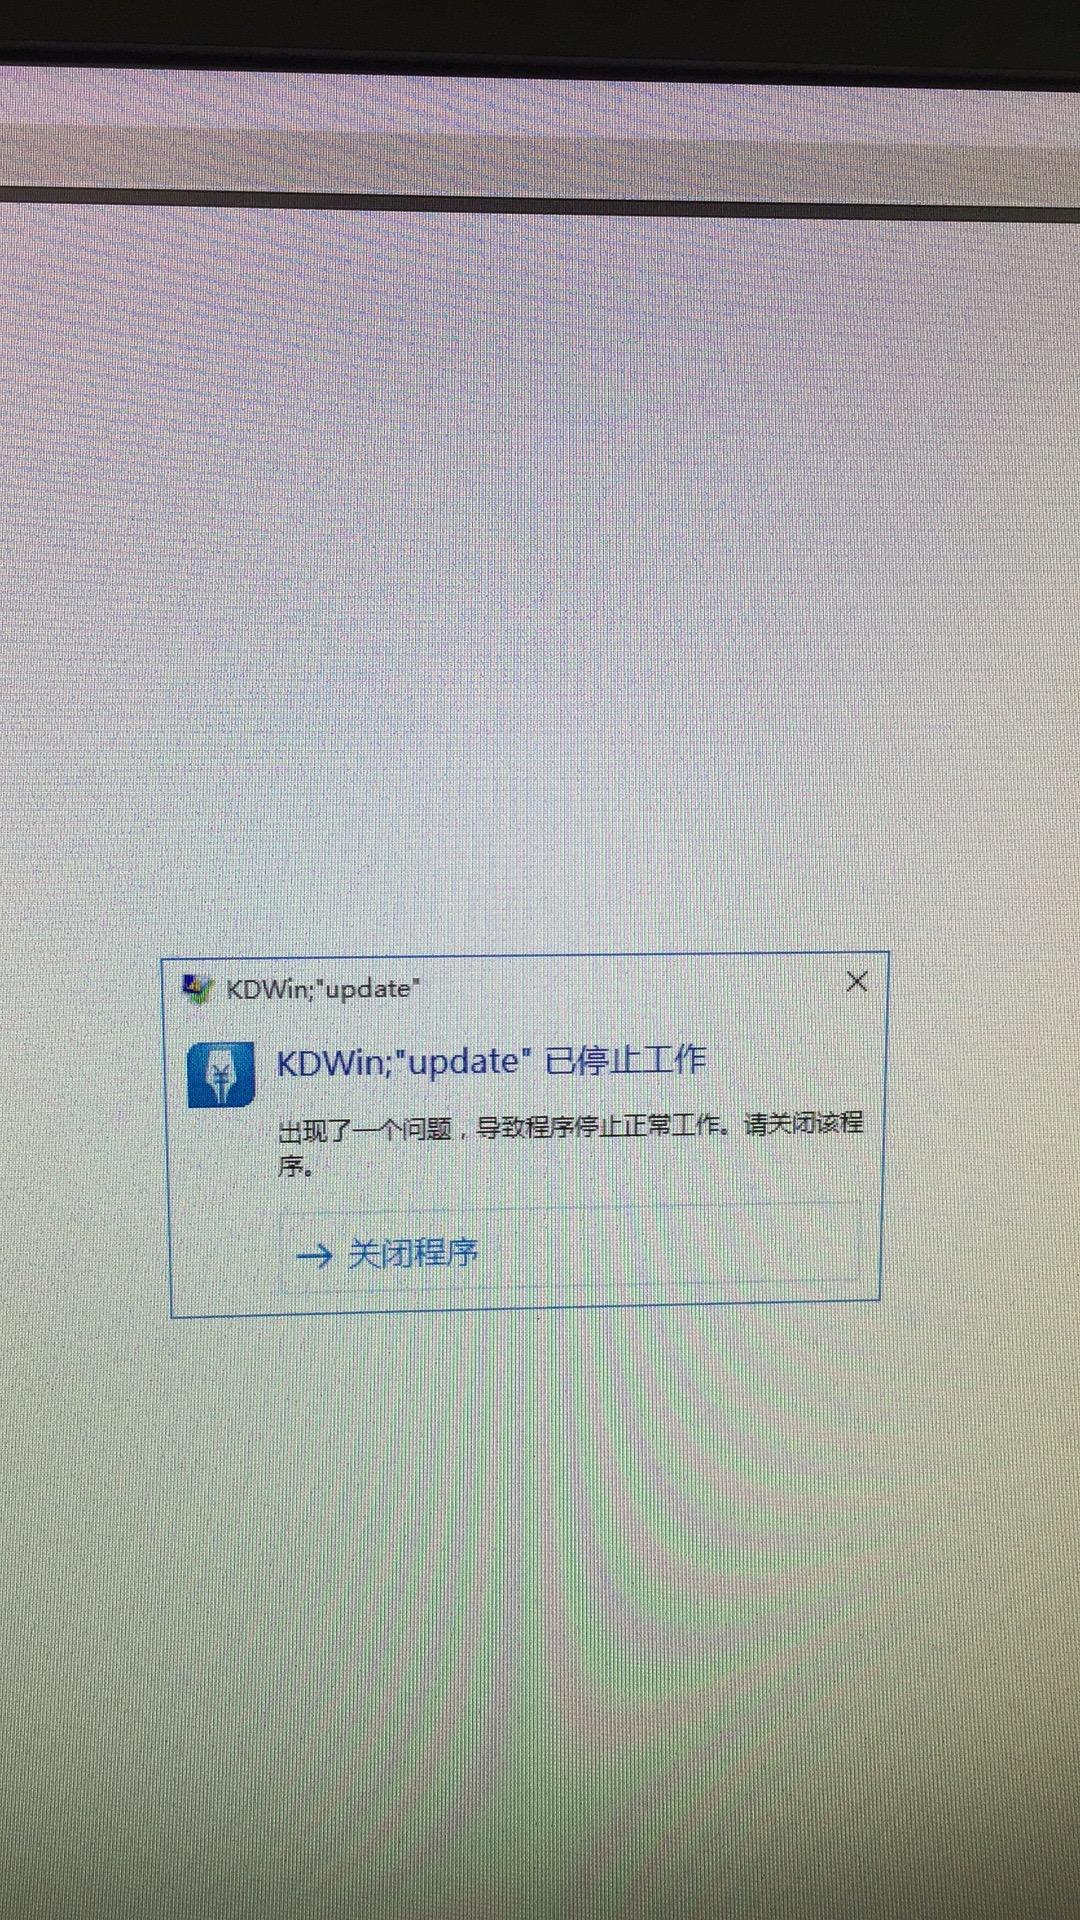 明细账打印到一半提示程序已停止工作